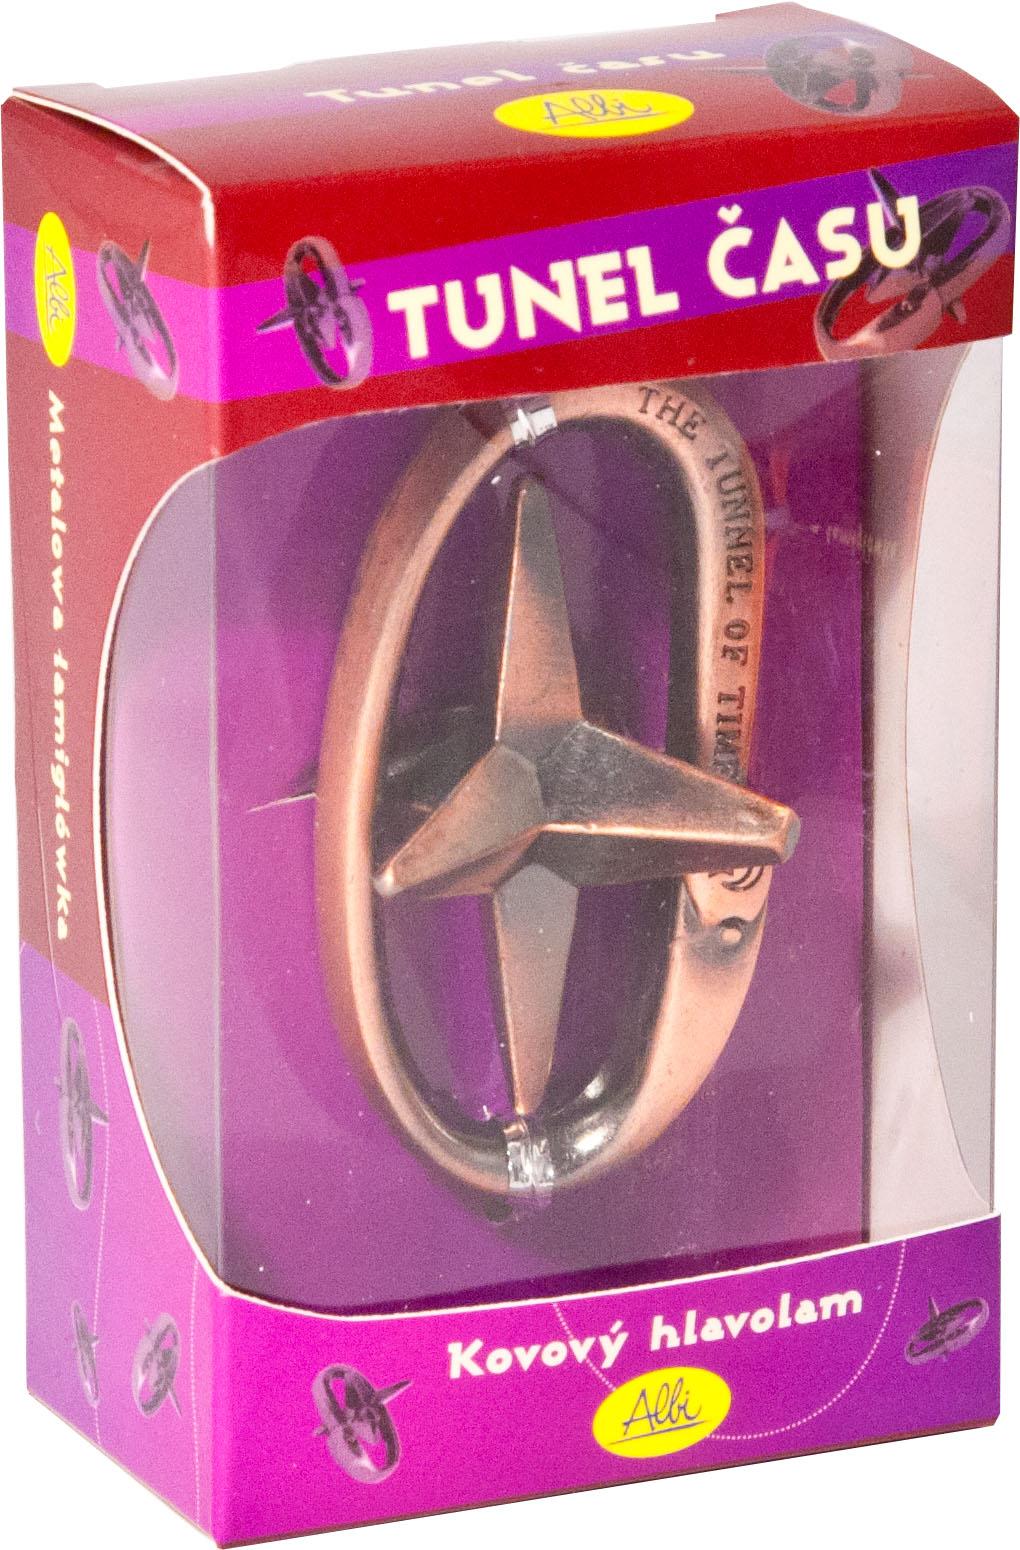 Kovový hlavolam - Tunel času